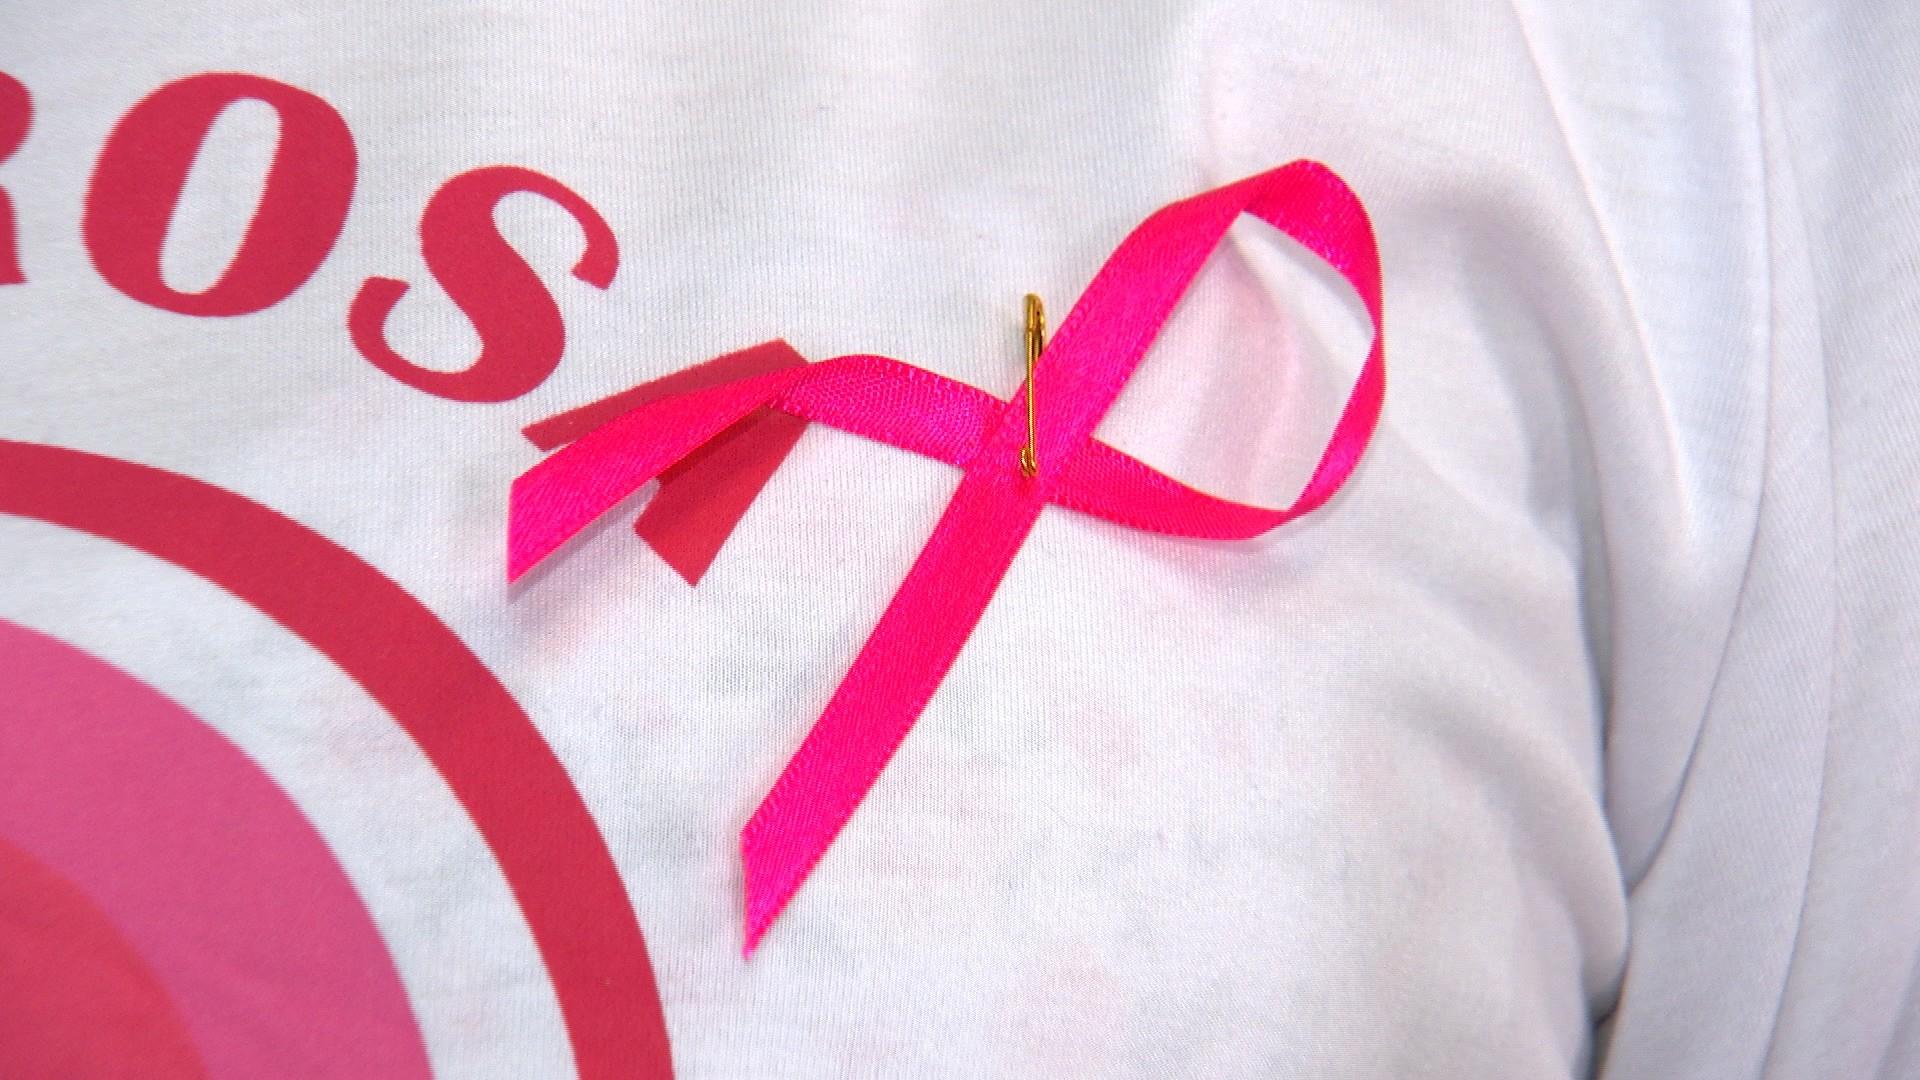 Mulheres da roça participam do Outubro Rosa - Notícias - Plantão Diário